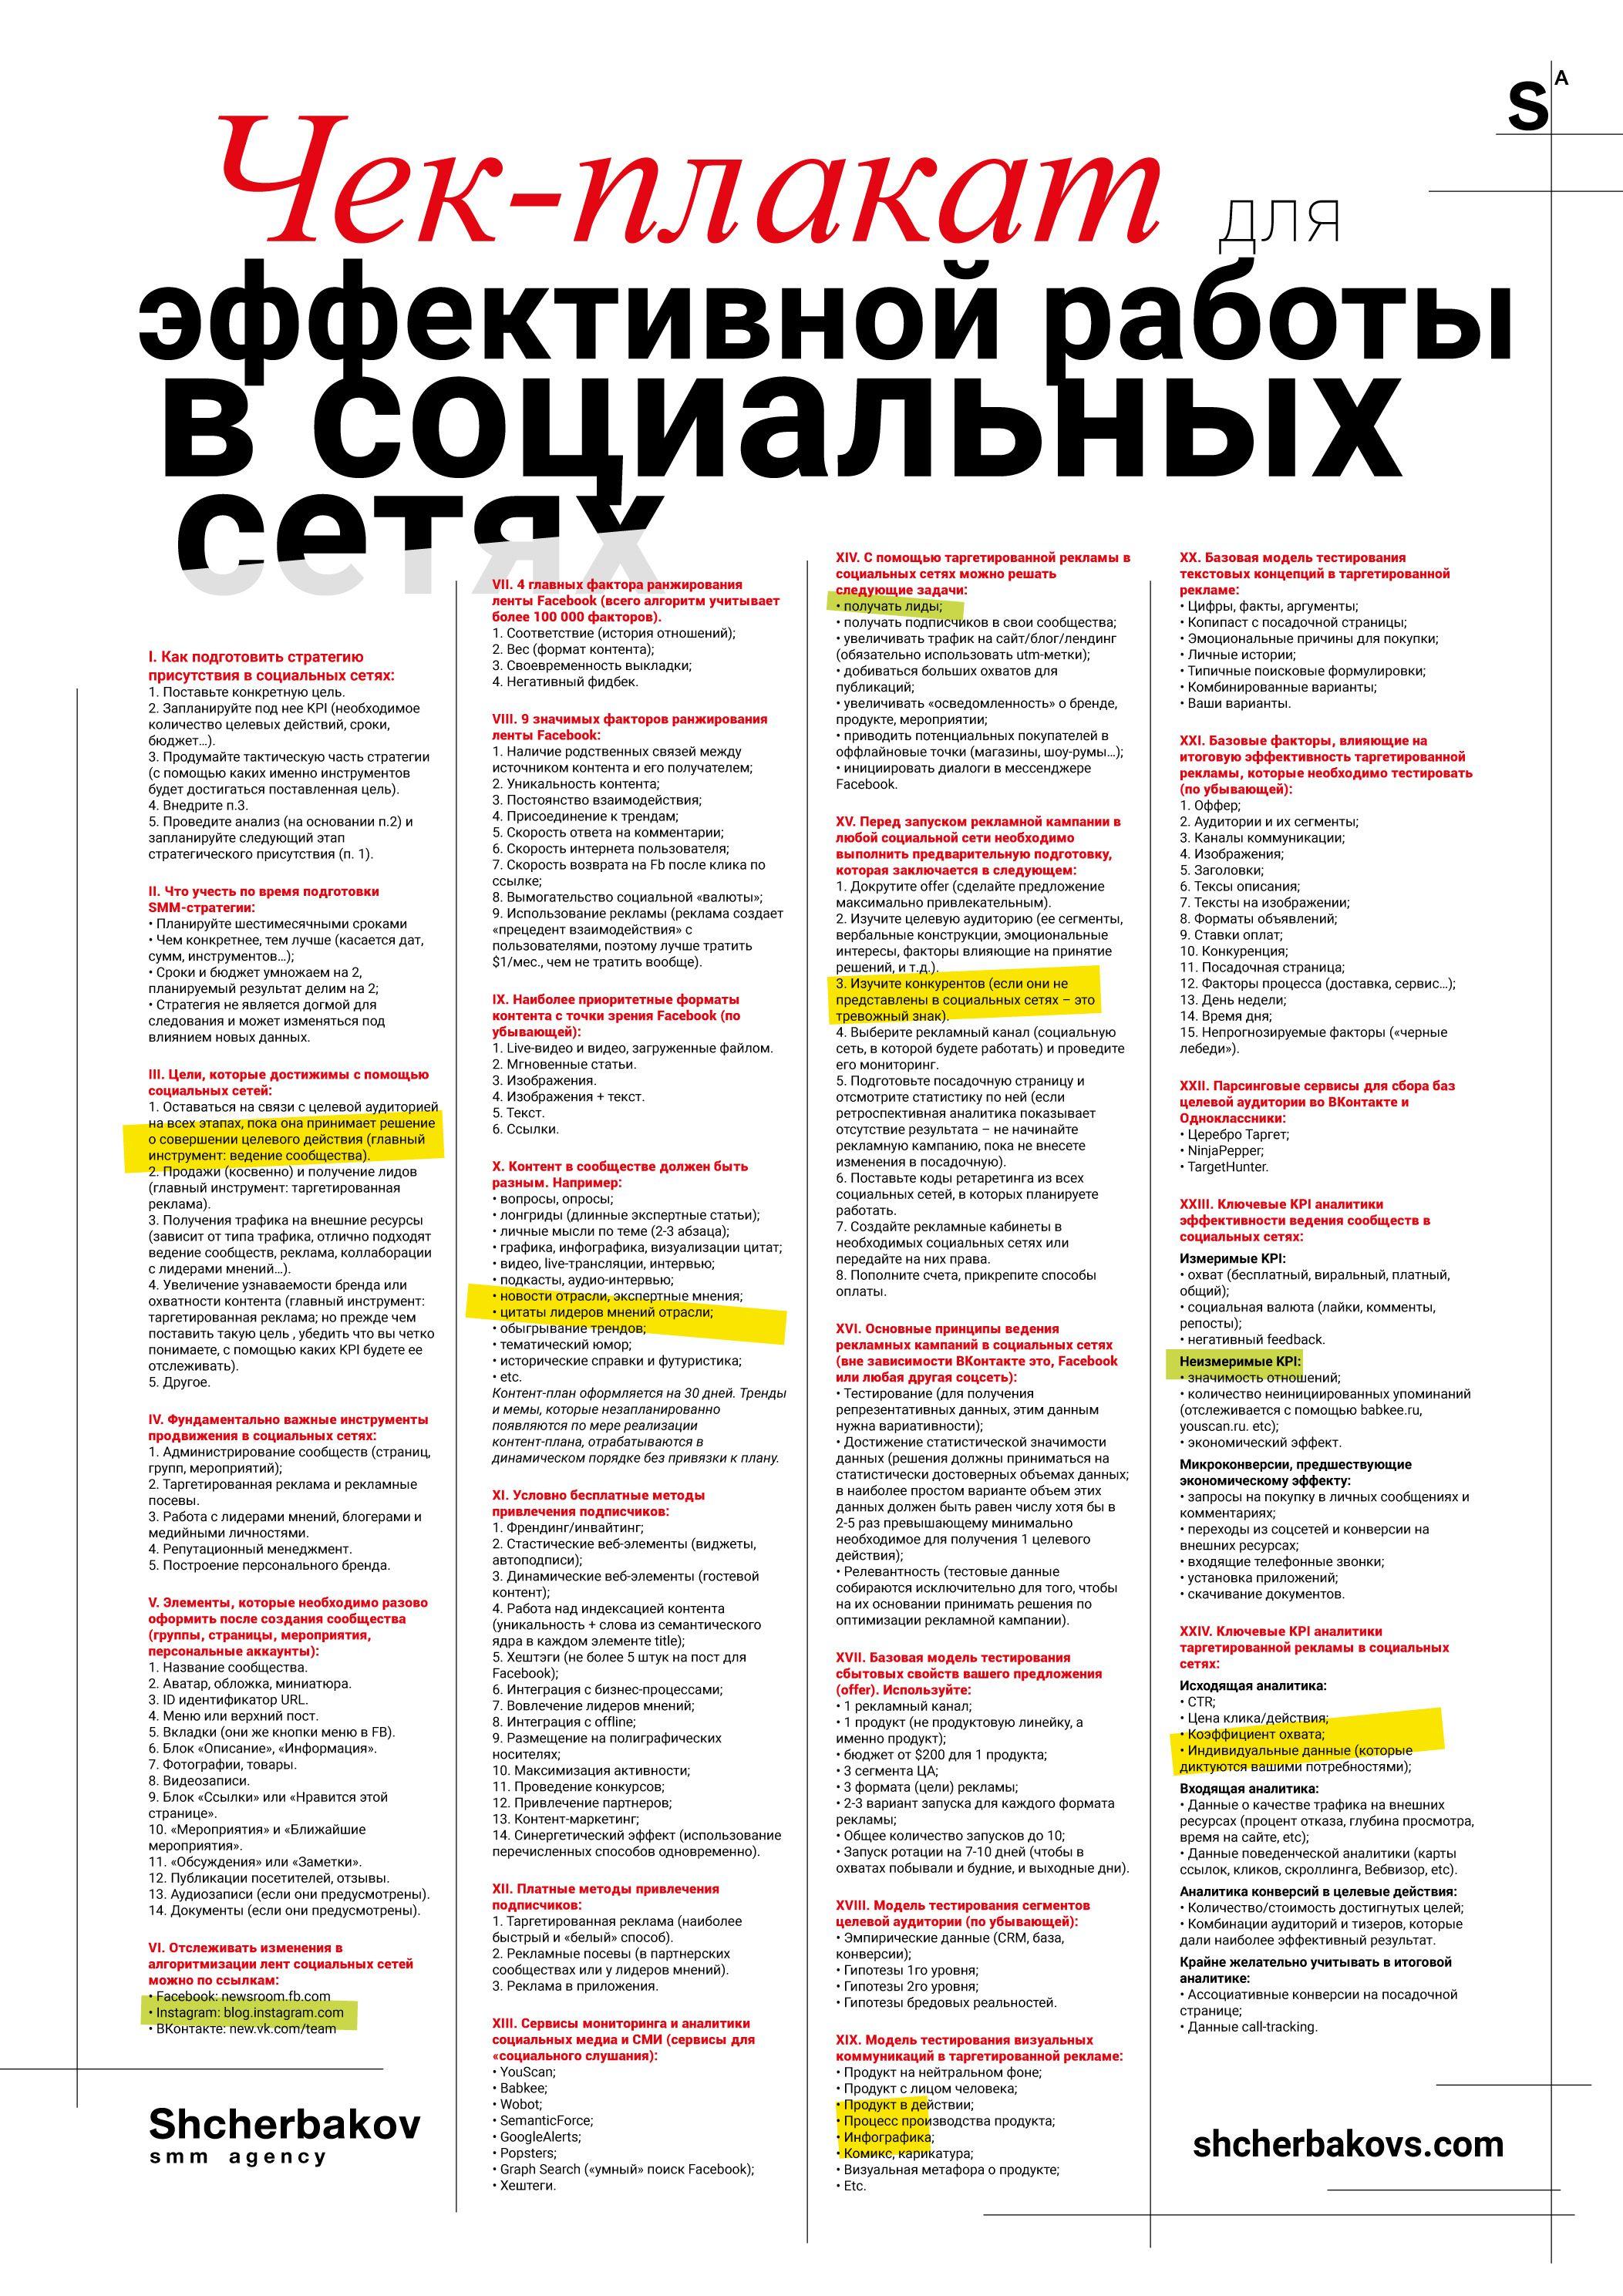 Работа реклама товаров в интернете внутренняя оптимизация сайта список